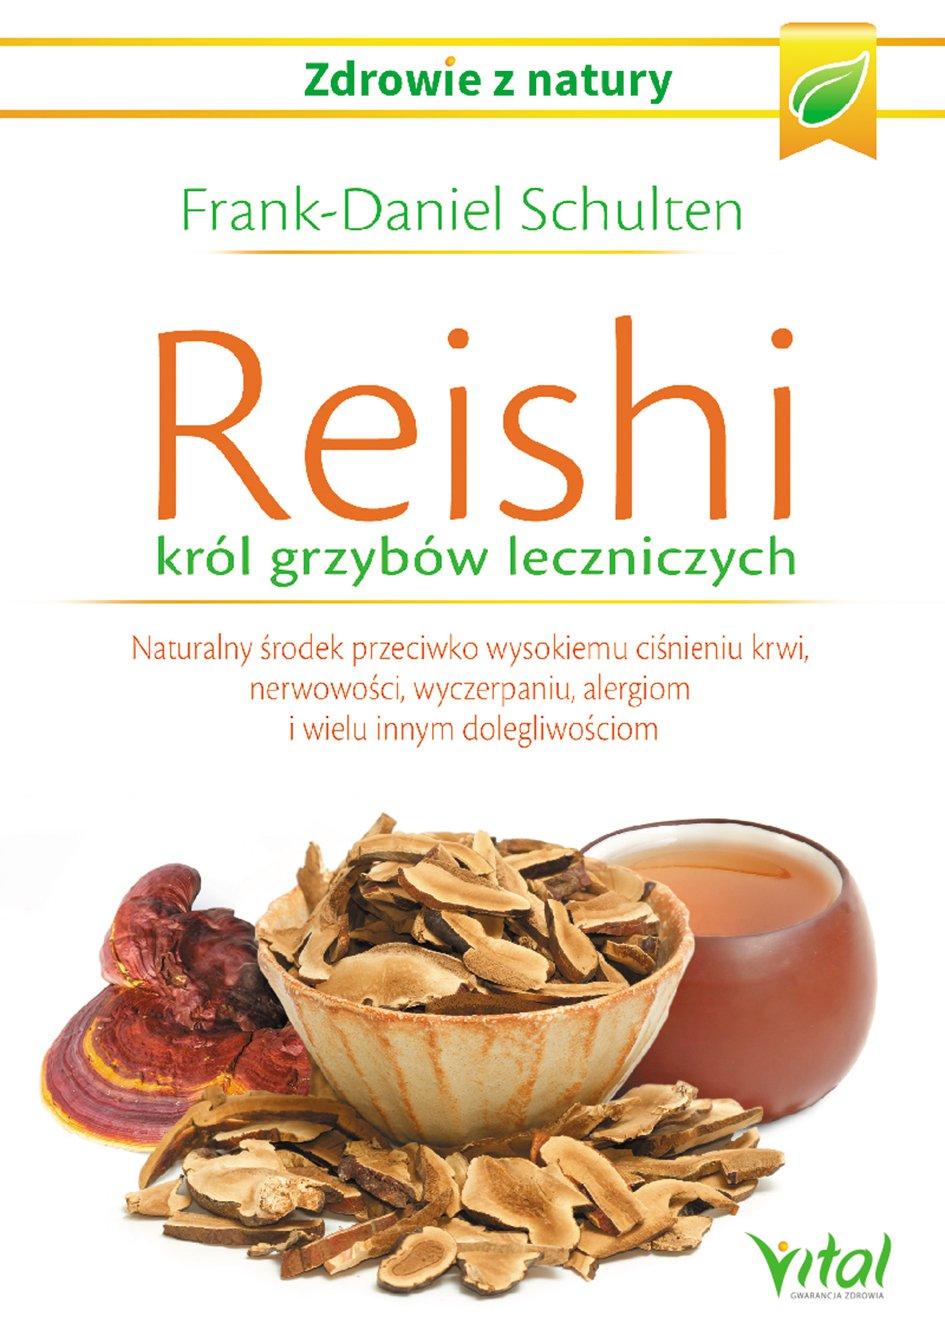 Reishi – król grzybów leczniczych. Naturalny środek przeciwko wysokiemu ciśnieniu krwi, nerwowości, wyczerpaniu, alergiom i wielu innym dolegliwościom - Ebook (Książka PDF) do pobrania w formacie PDF